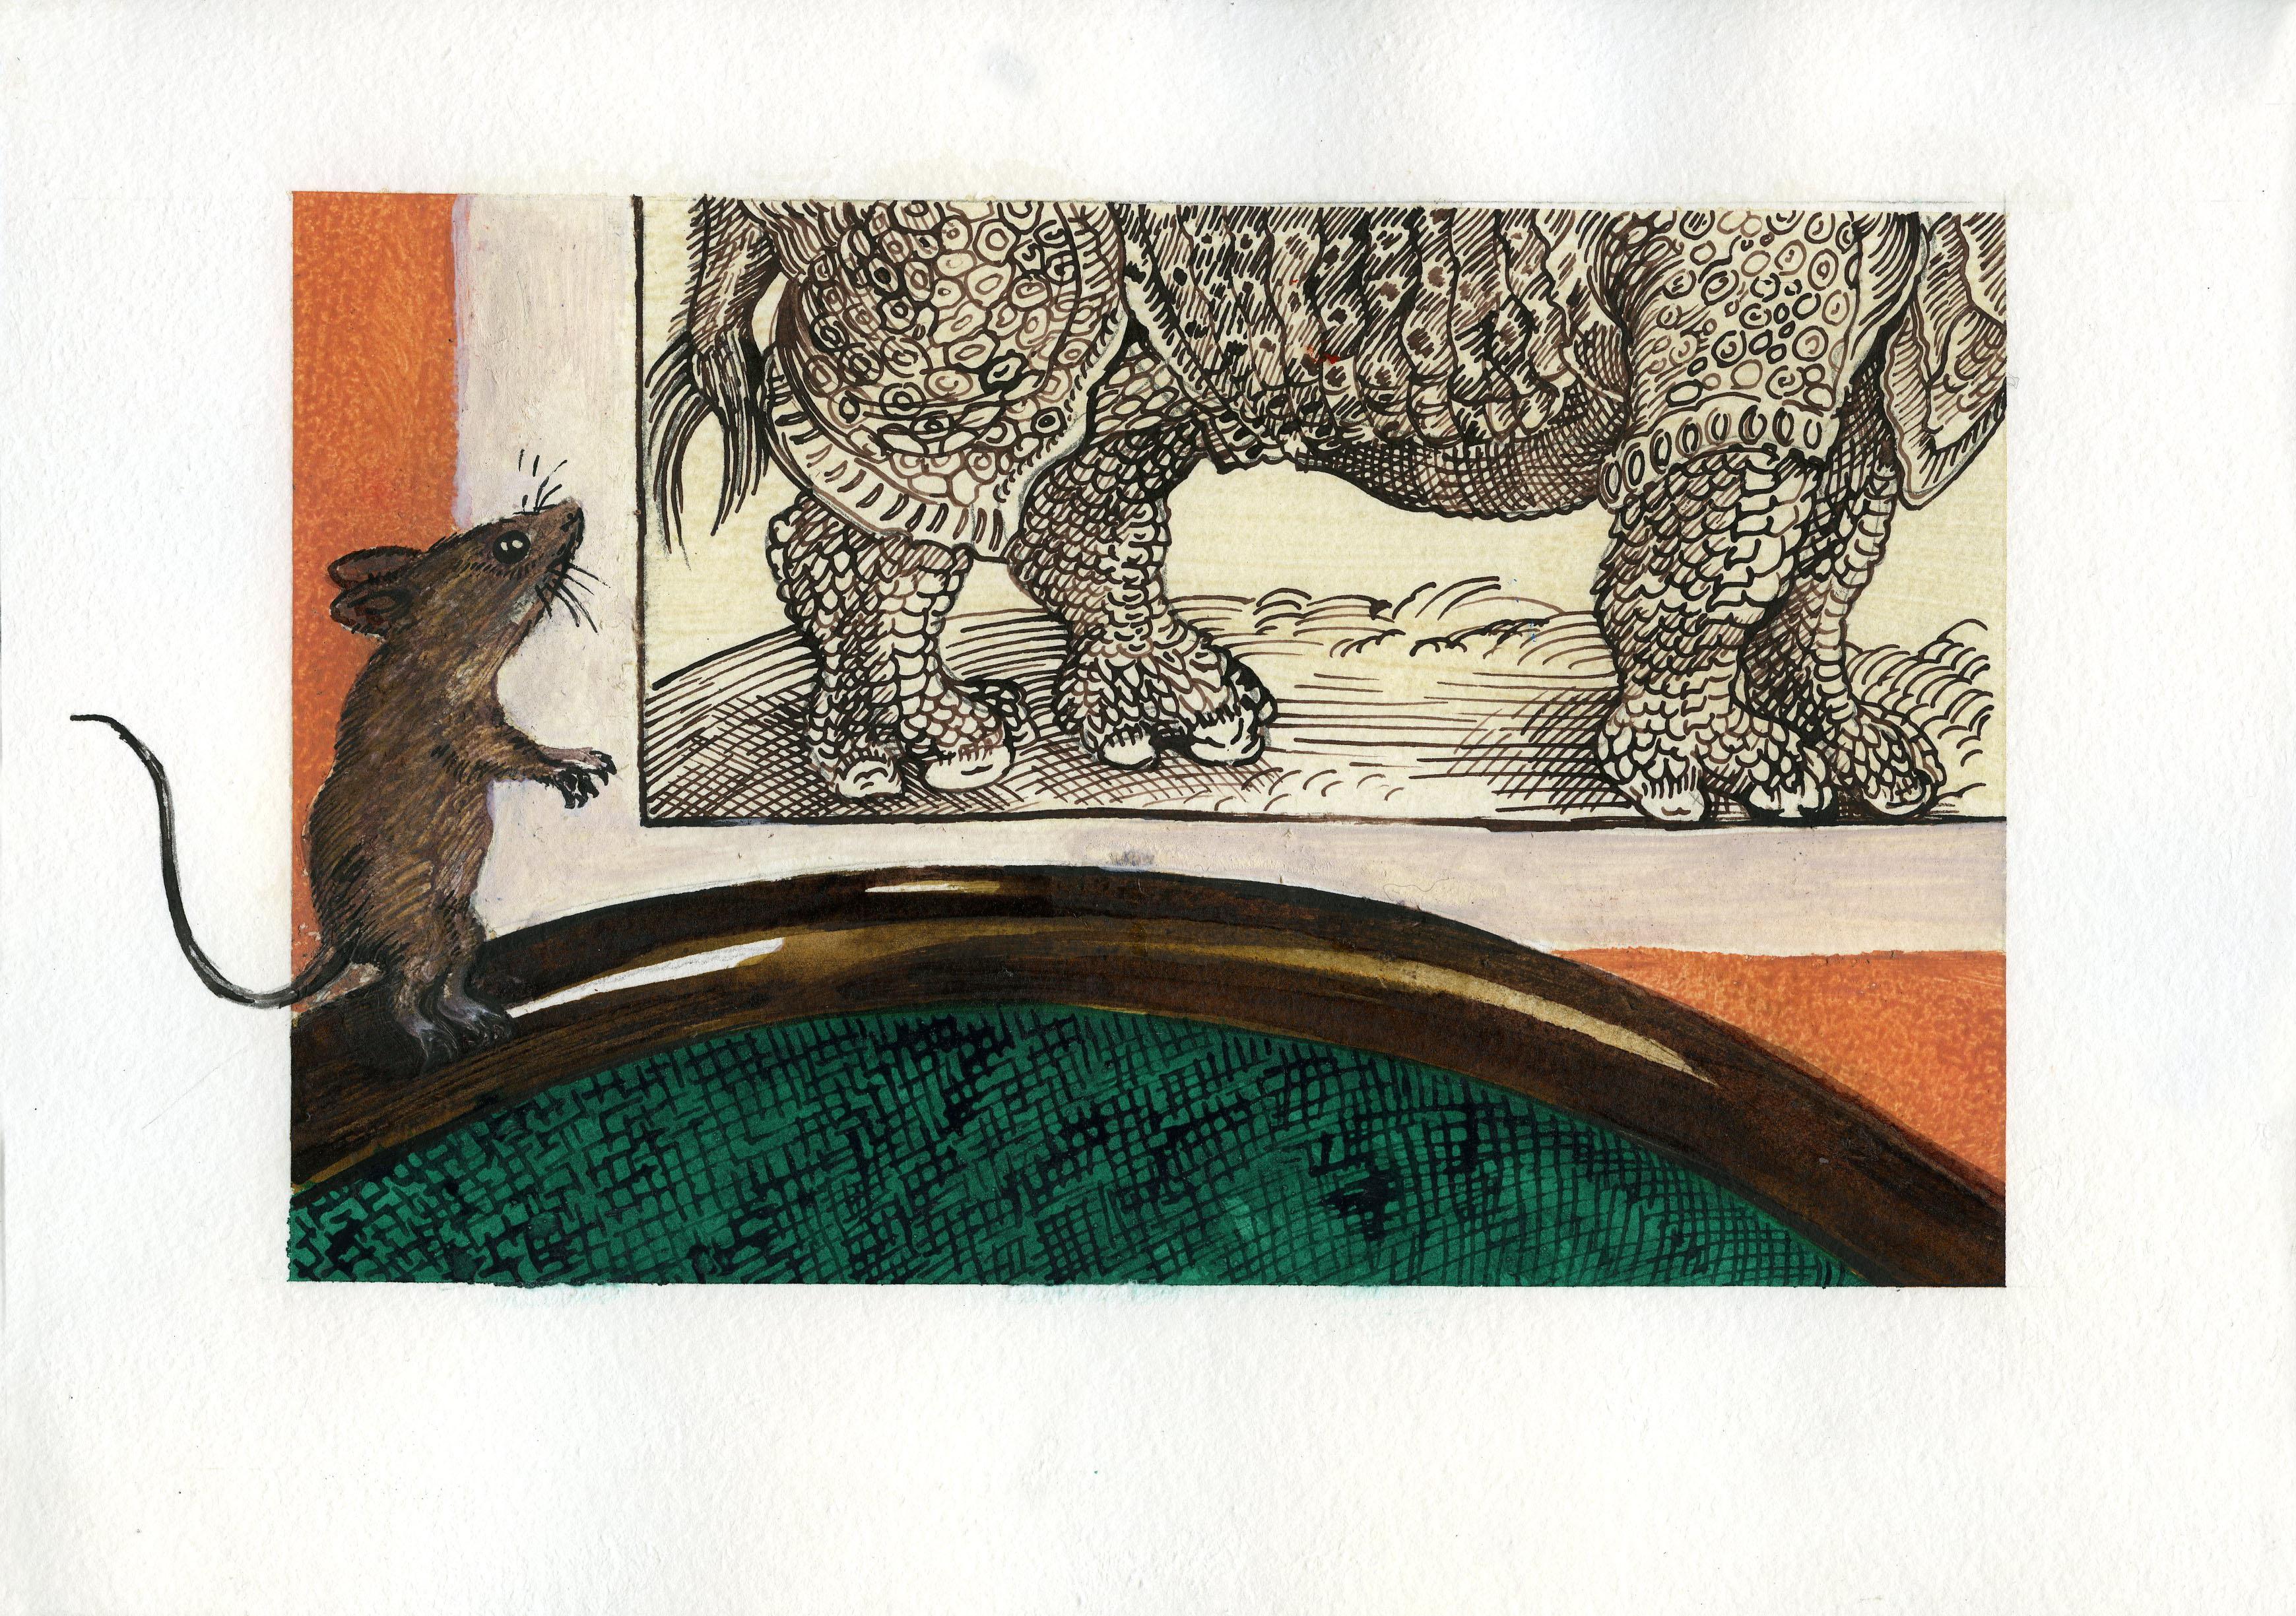 Moz and Durer's Rhino